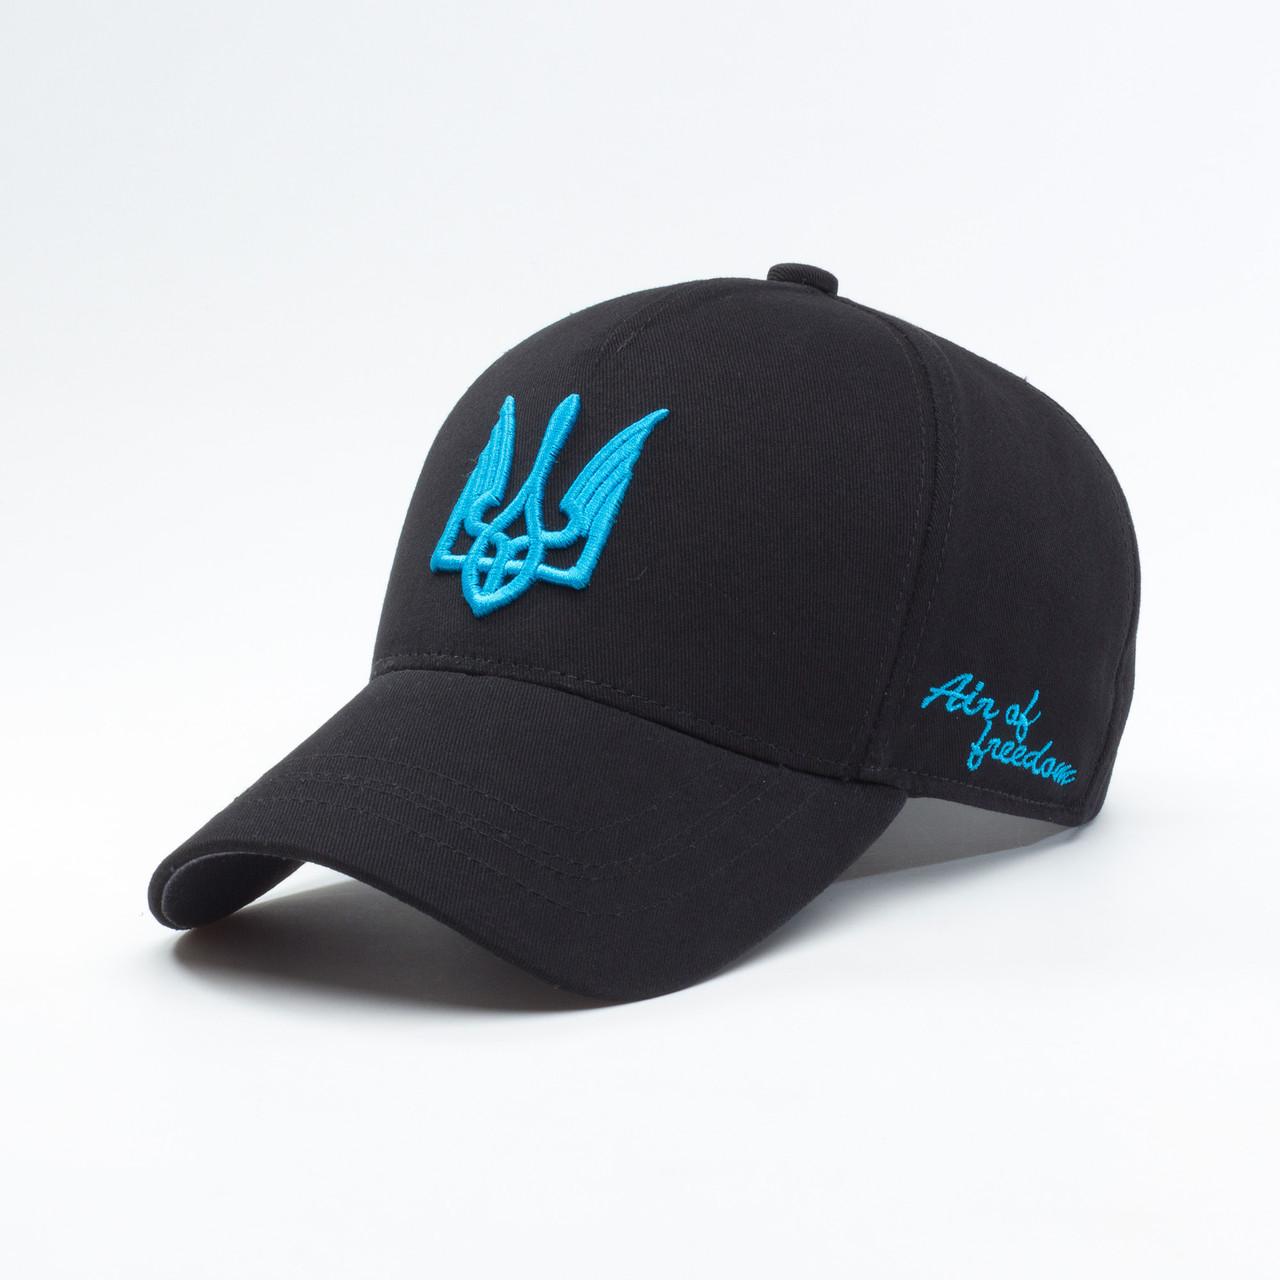 Купить Кепка бейсболка мужская INAL air of freedom XL / 59-60 RU Черный 35459